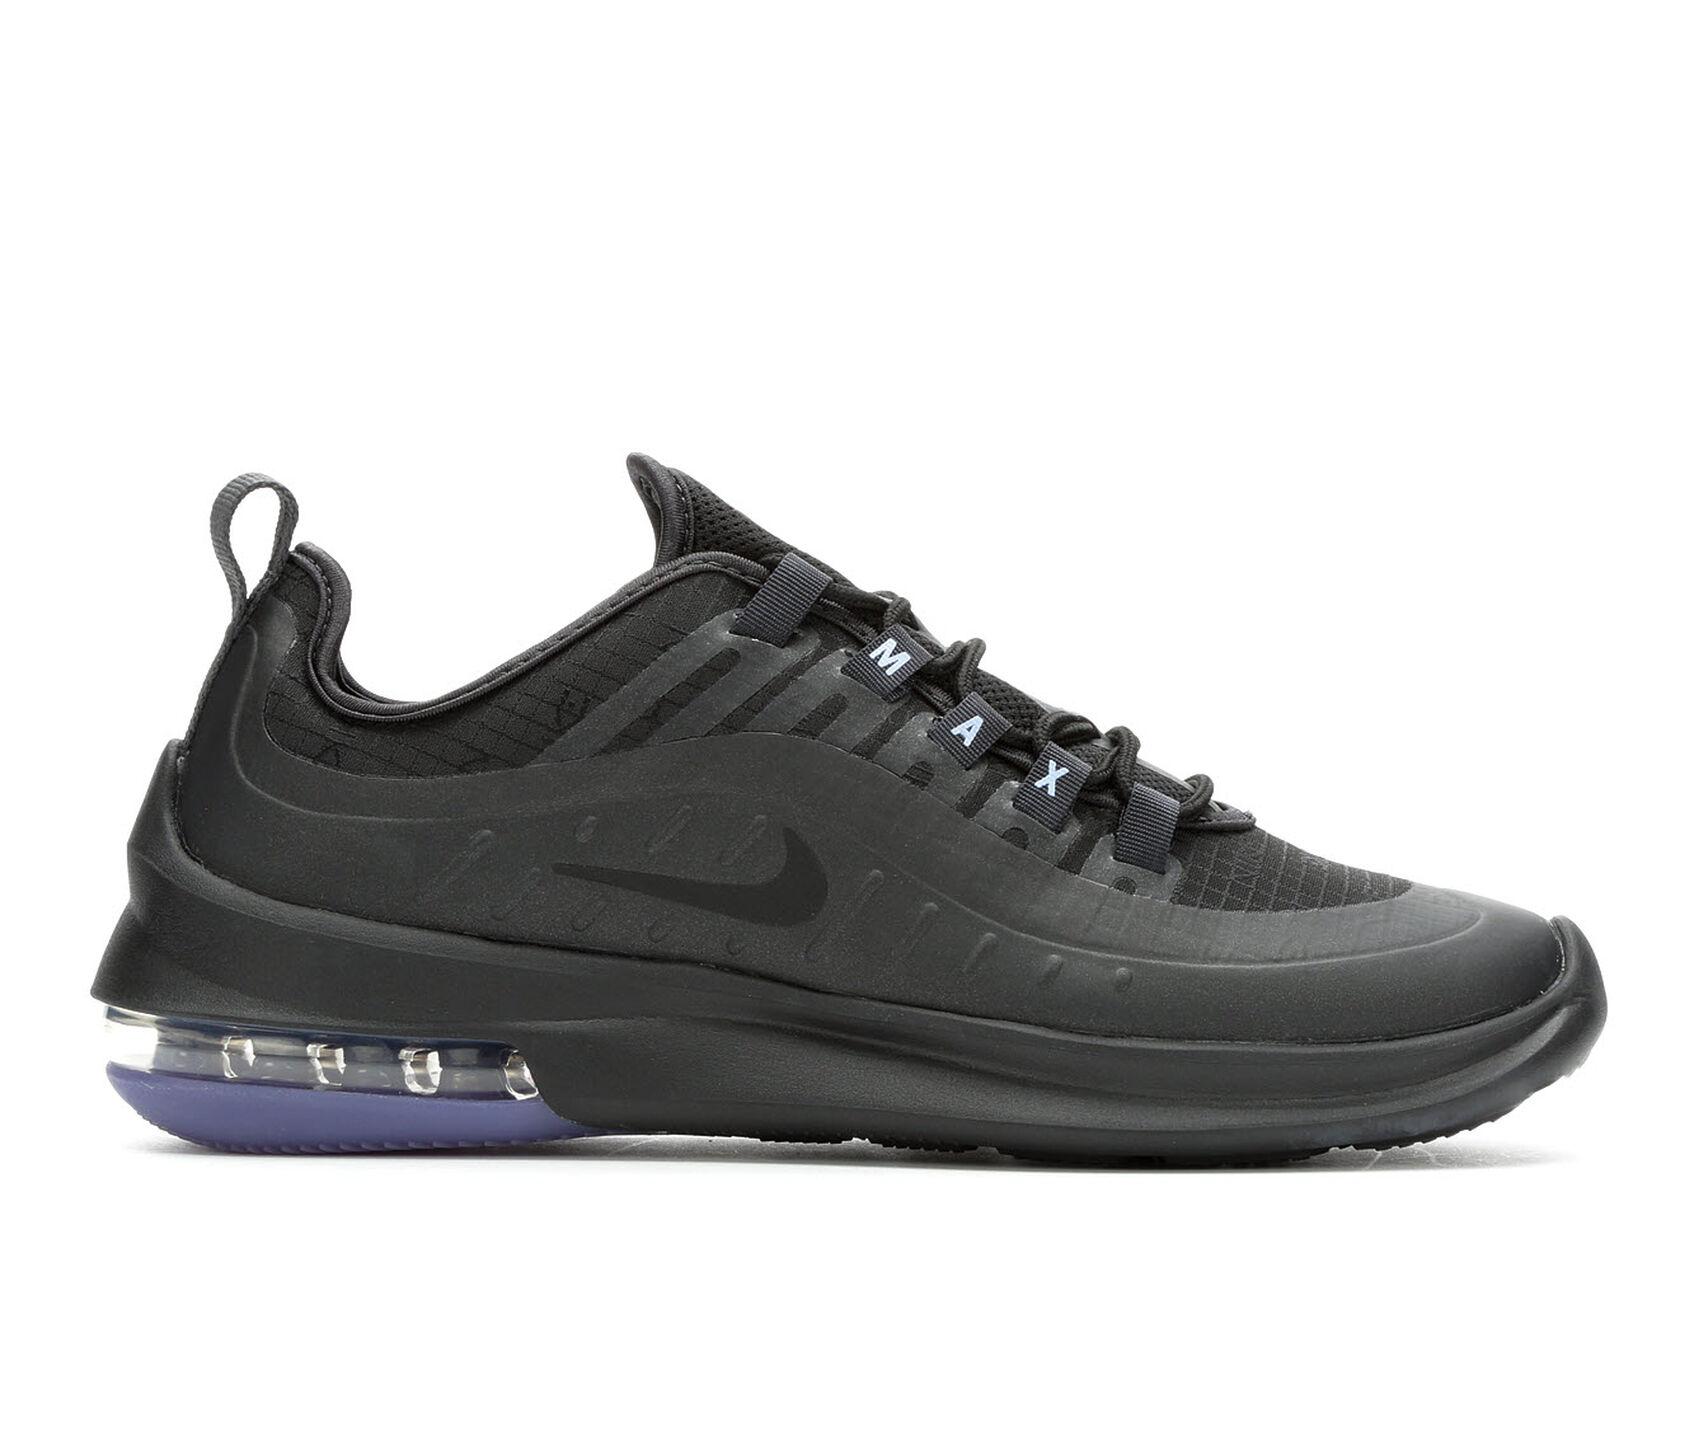 0f17d10344 Men's Nike Air Max Axis Premium Sneakers   Shoe Carnival